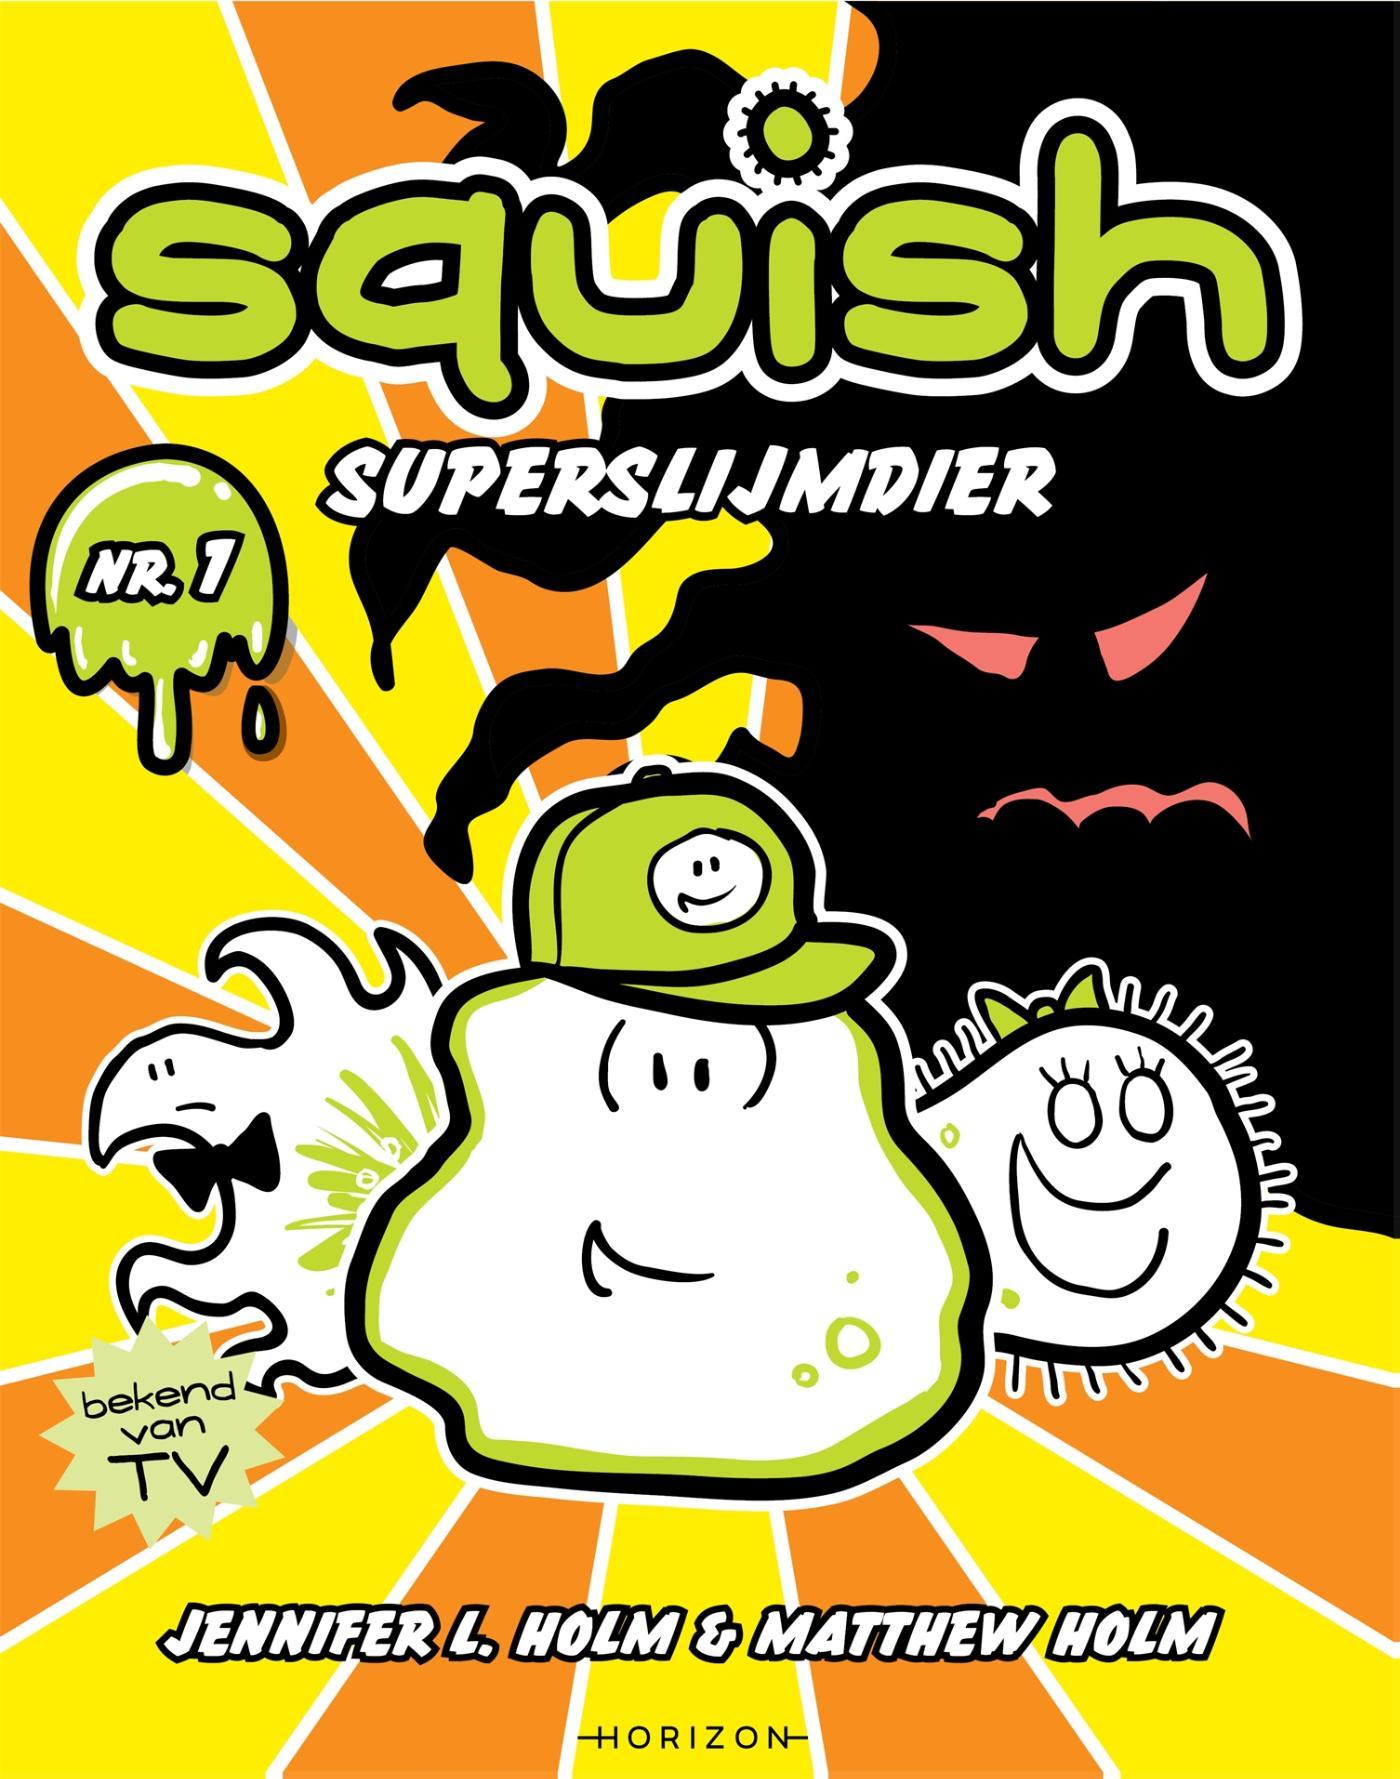 Squish: Superslijmdier